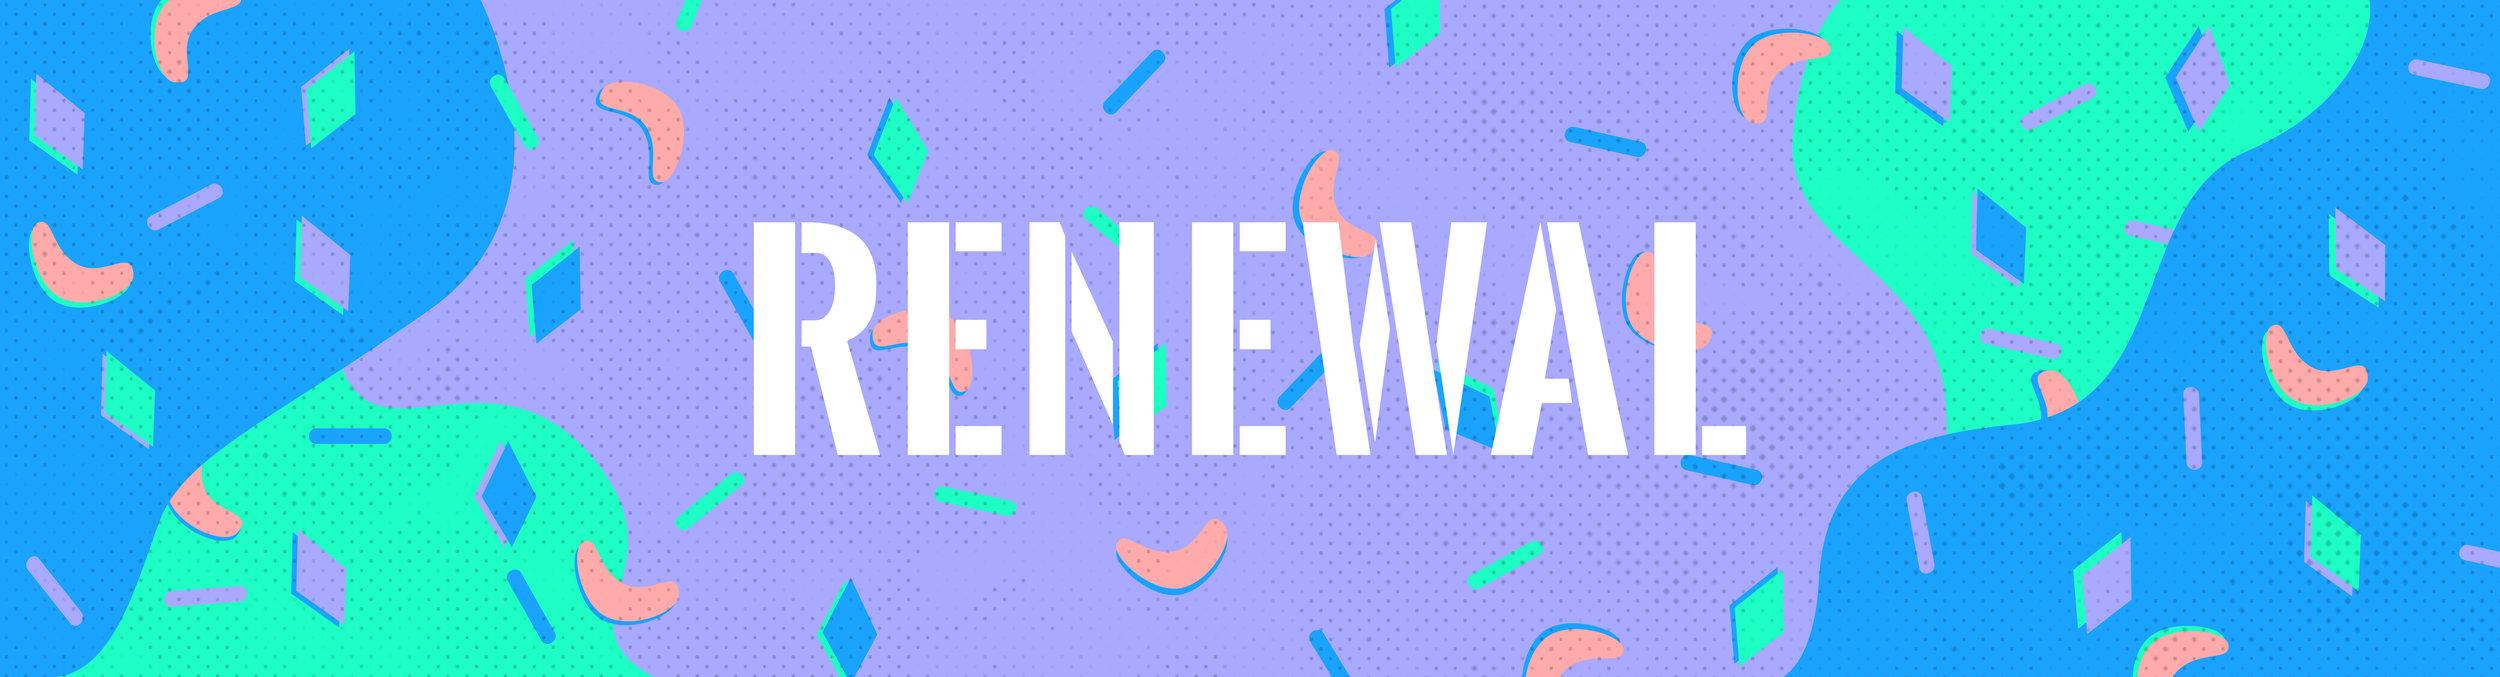 Renewal Home Page.jpg